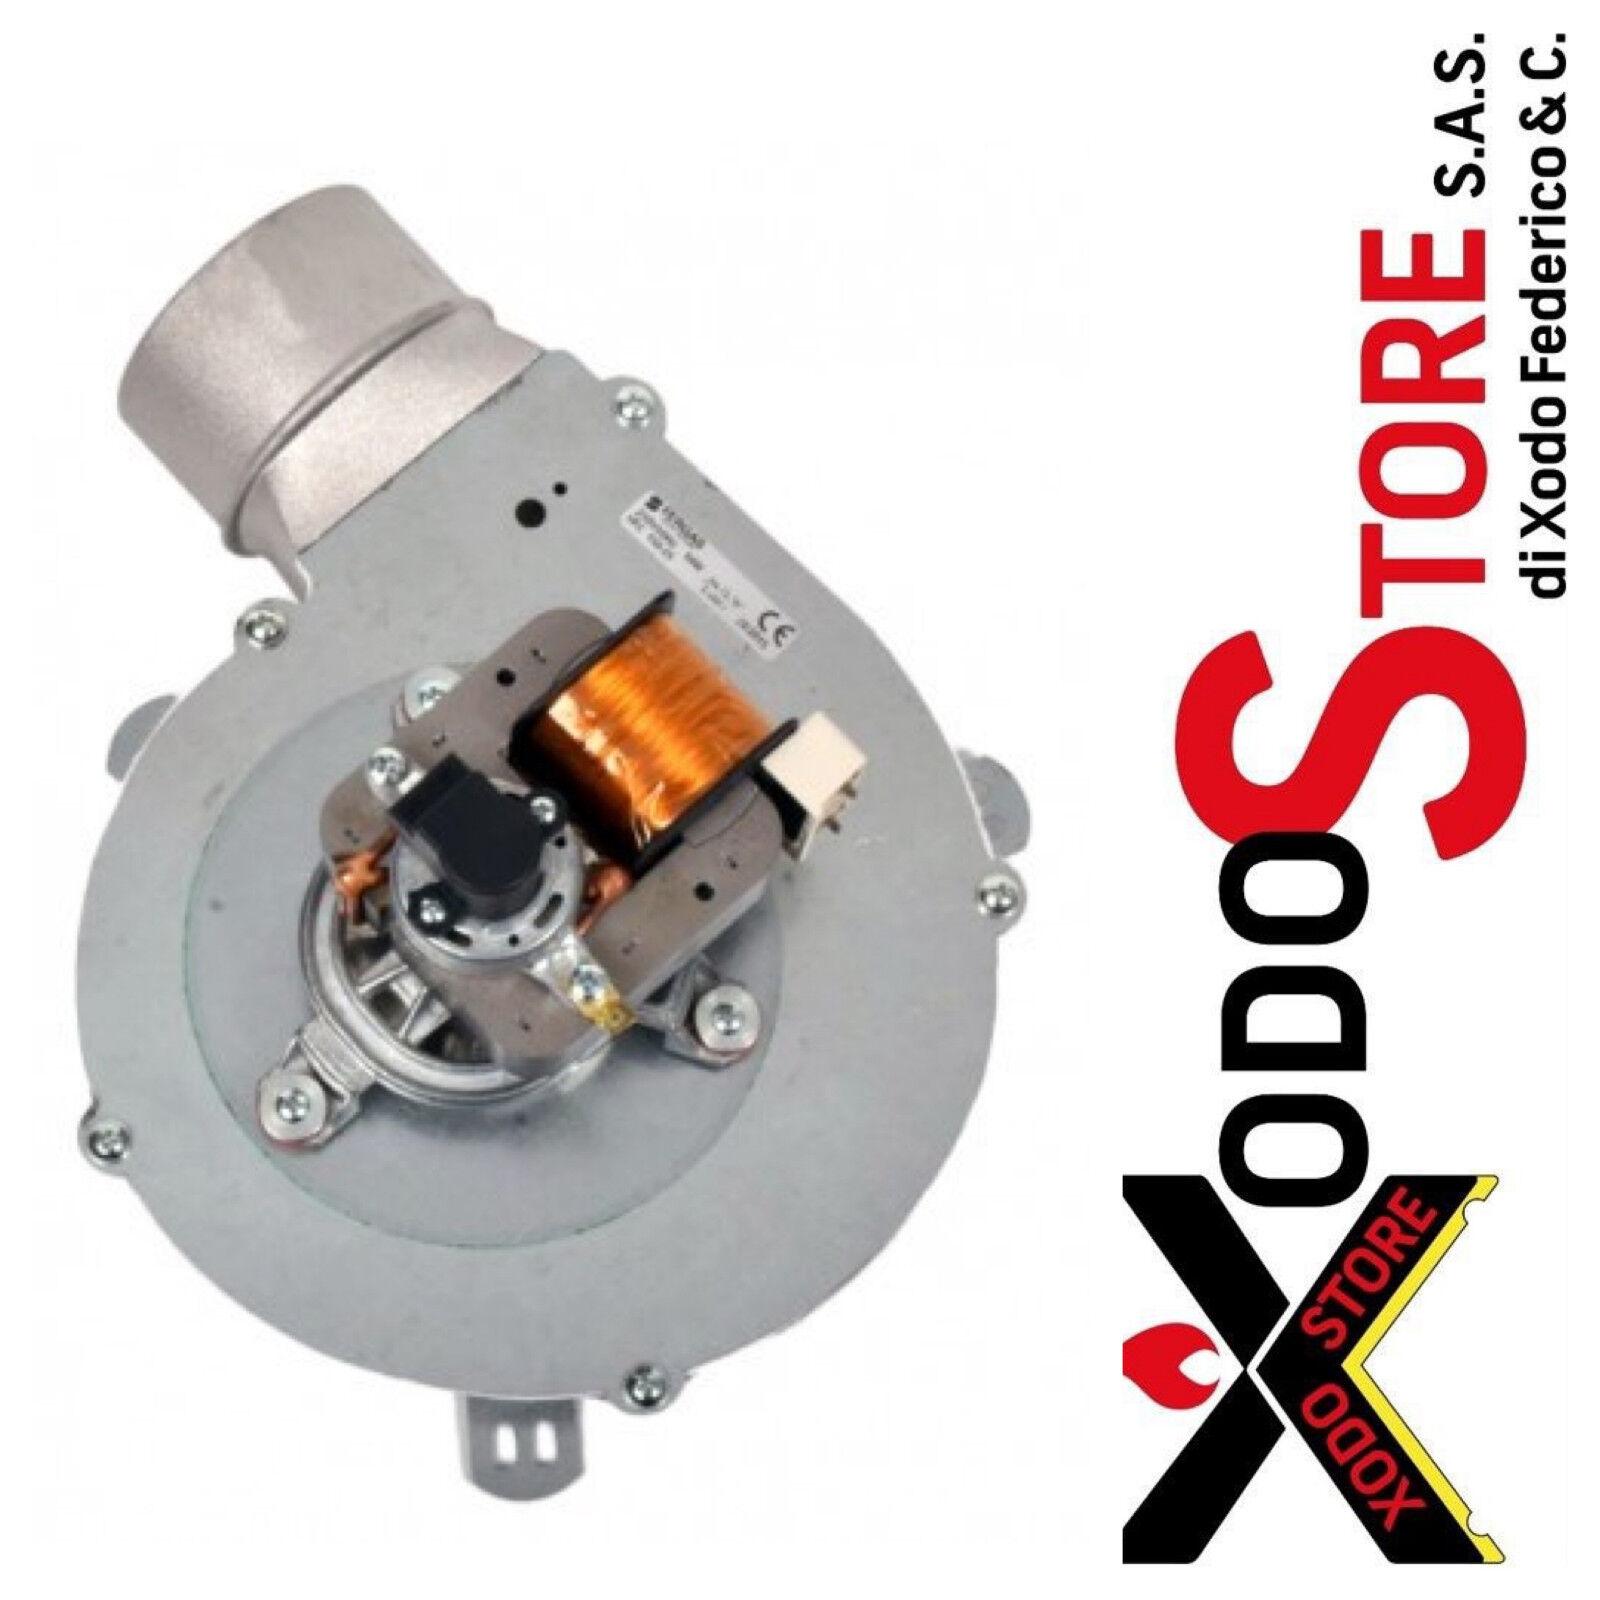 Extracteur aspirateur fumées cod.14706015 Référence 260652X pour